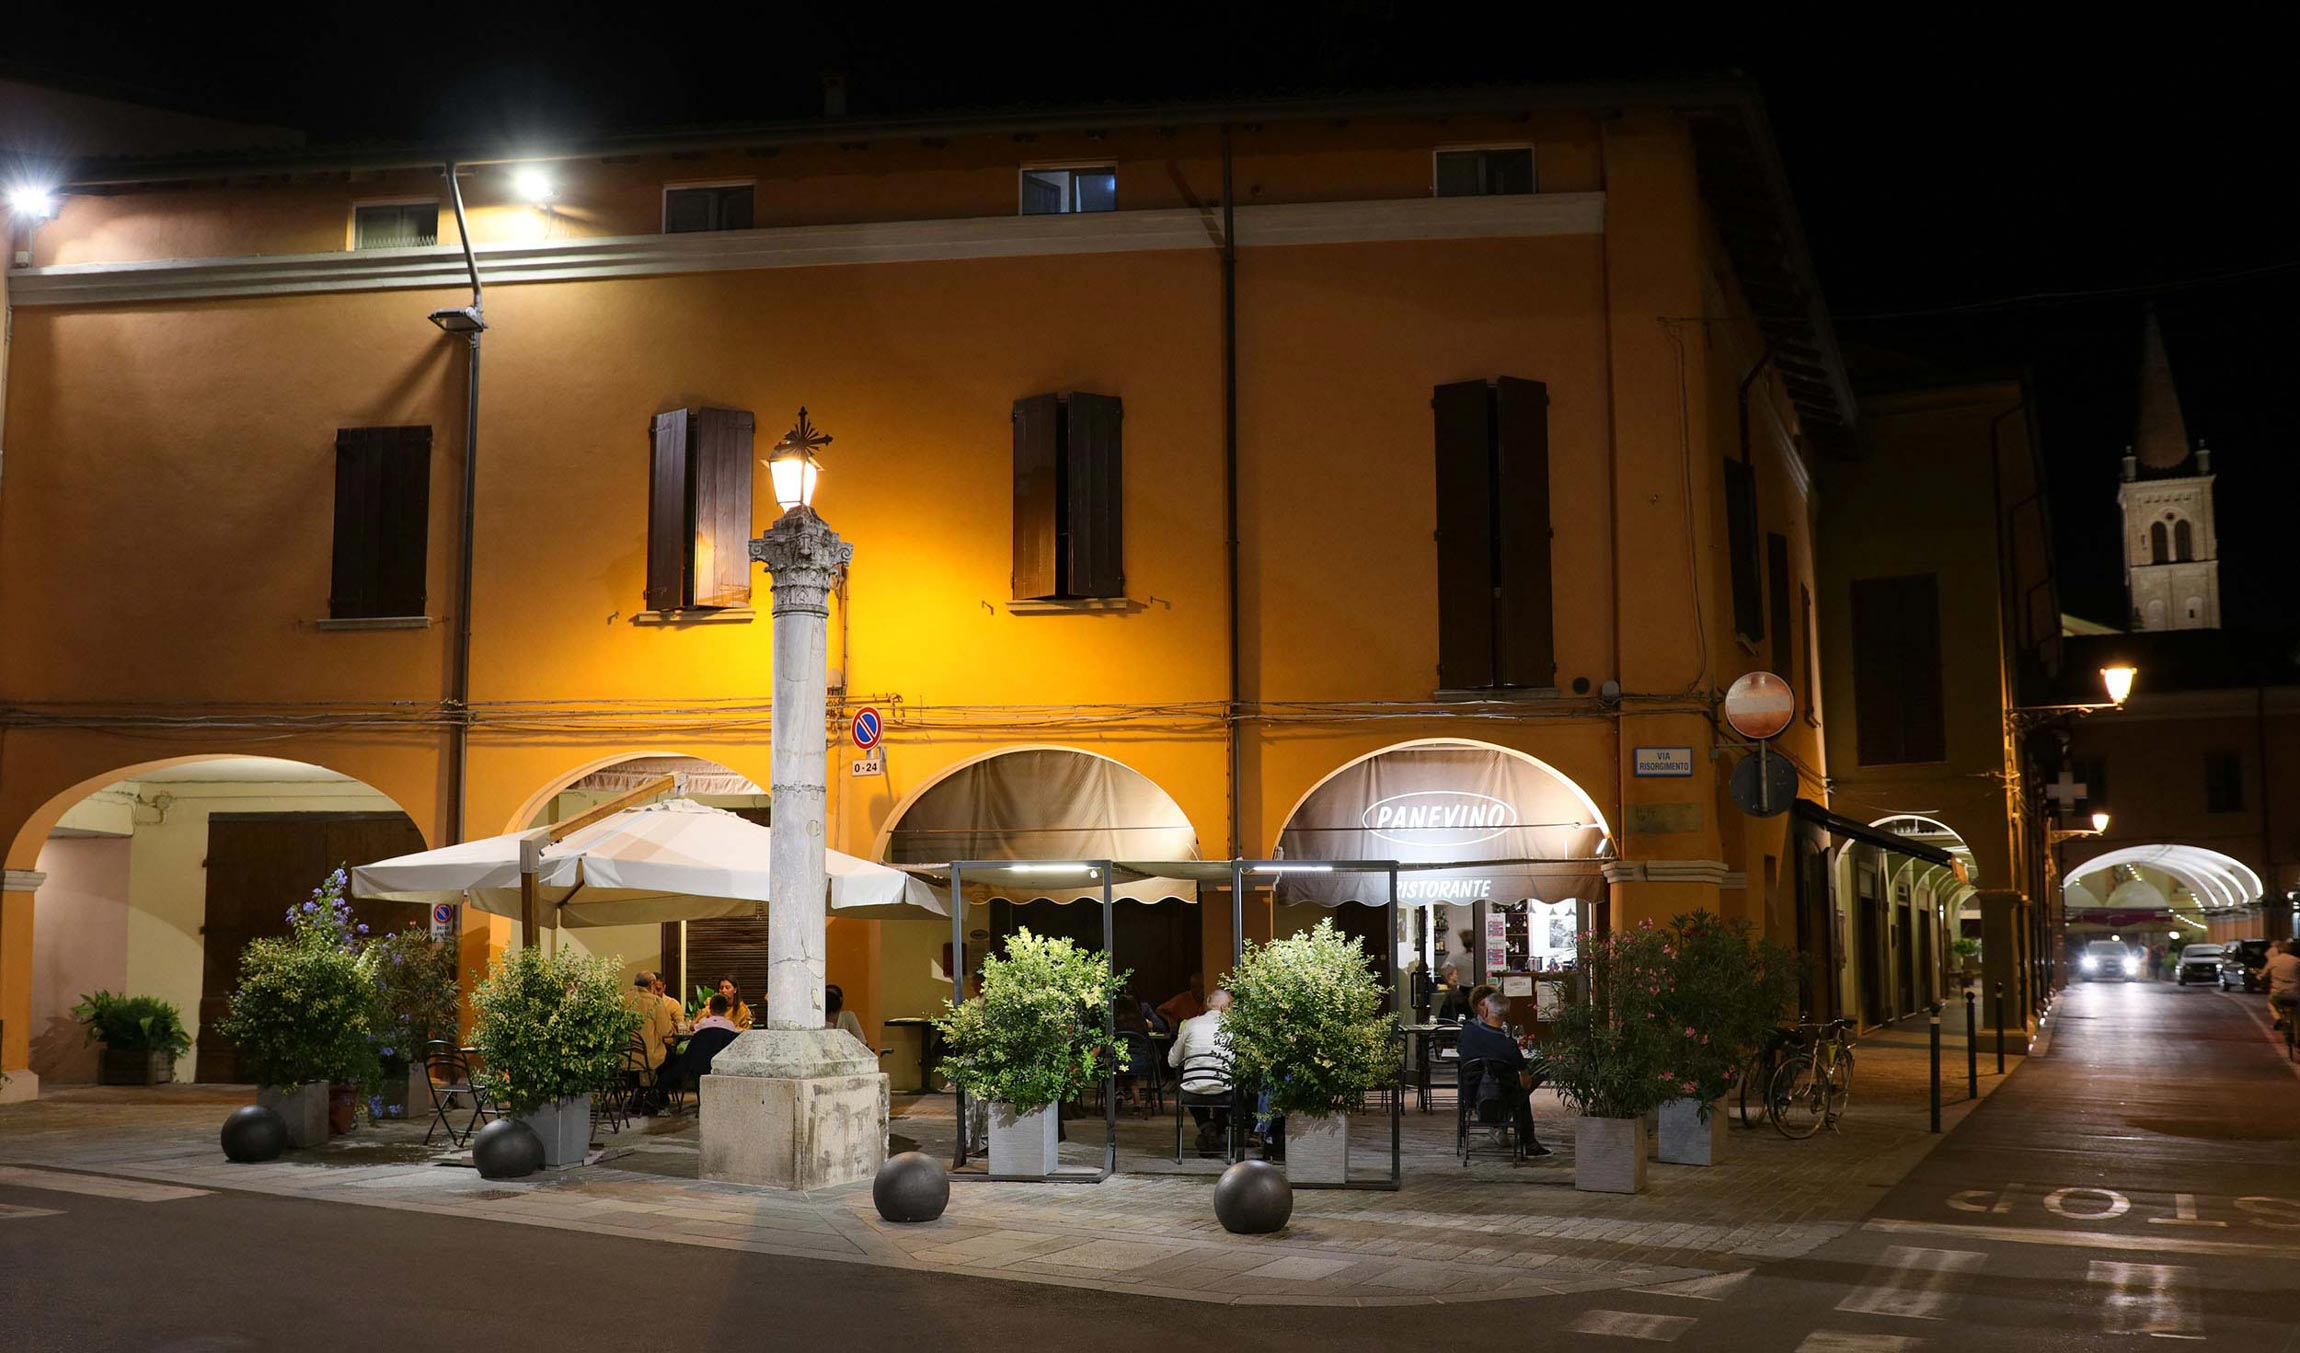 Panevino è un ristorante sotto i portici di un'antica casa con annesso B&B